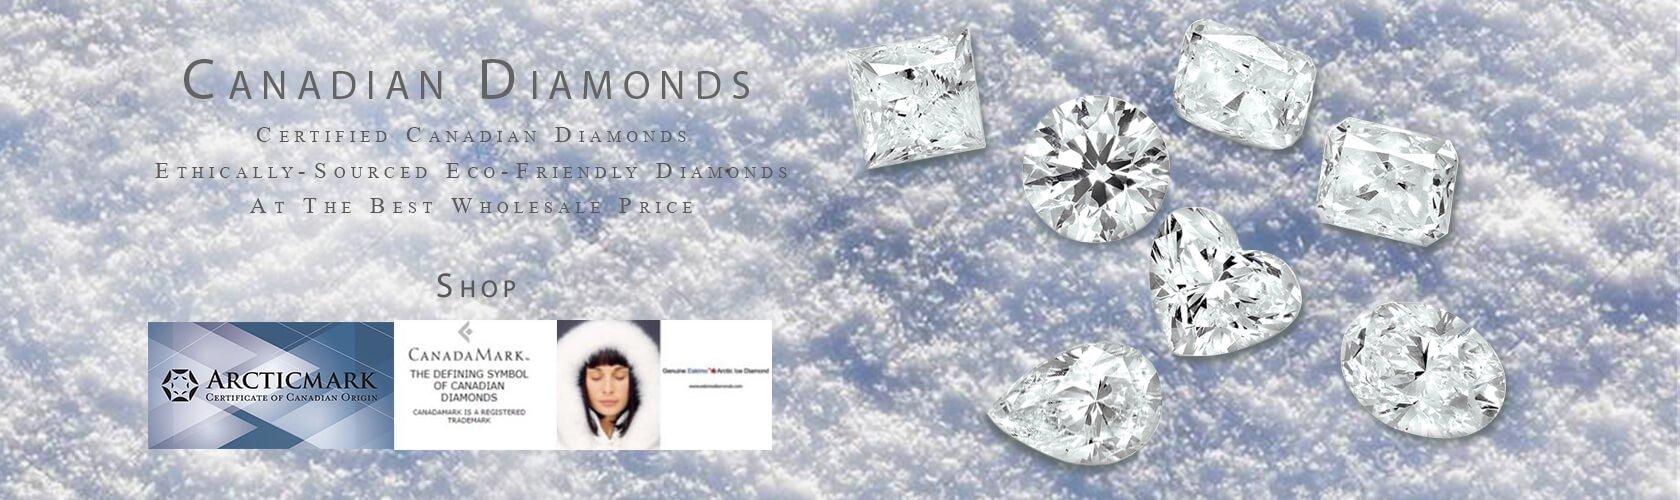 Canadian Diamonds 1680x500